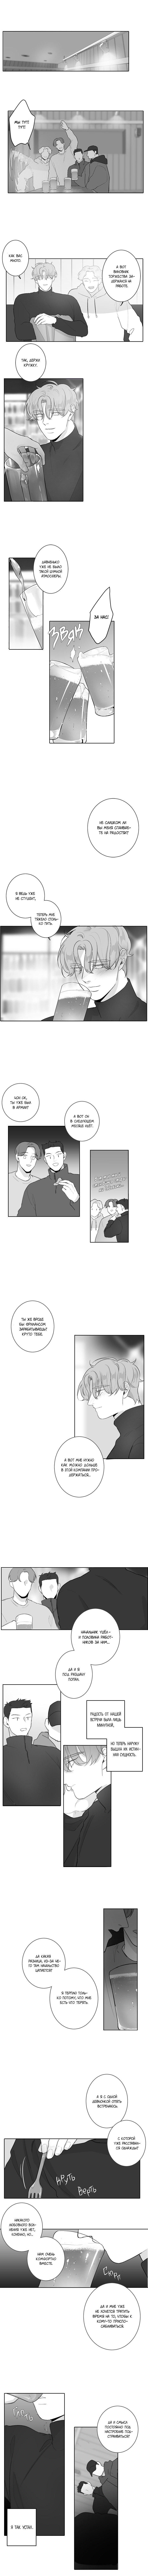 Манга Красная зона - Глава 35 Страница 1